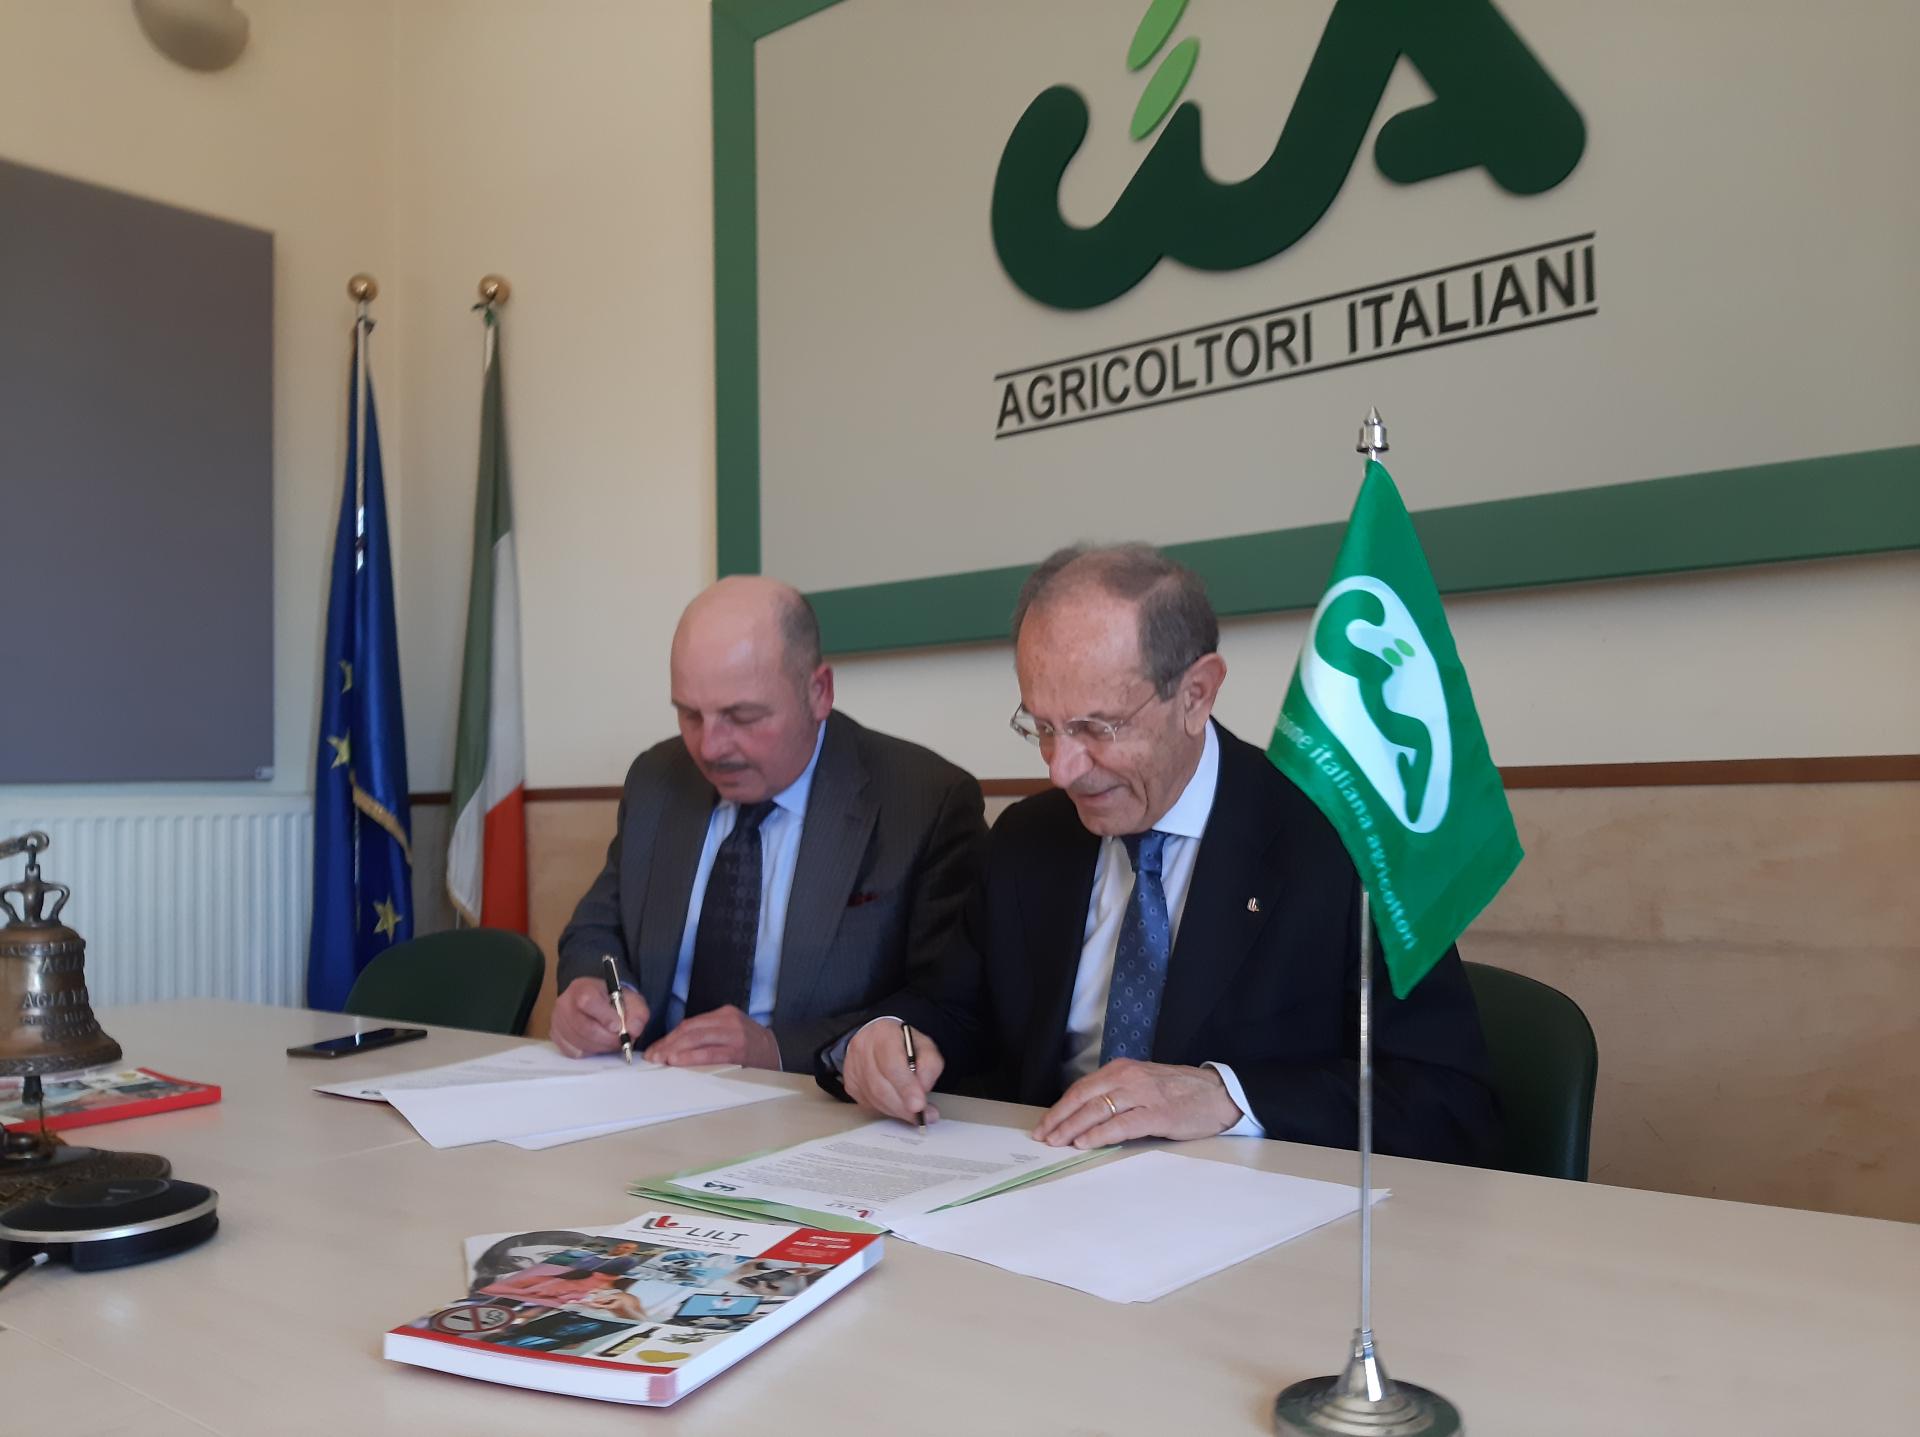 L'olio in primo piano, Lilt Lega Italiana per la lotta contro i tumori e Cia-Agricoltori Italiani insieme a sostegno della prevenzione